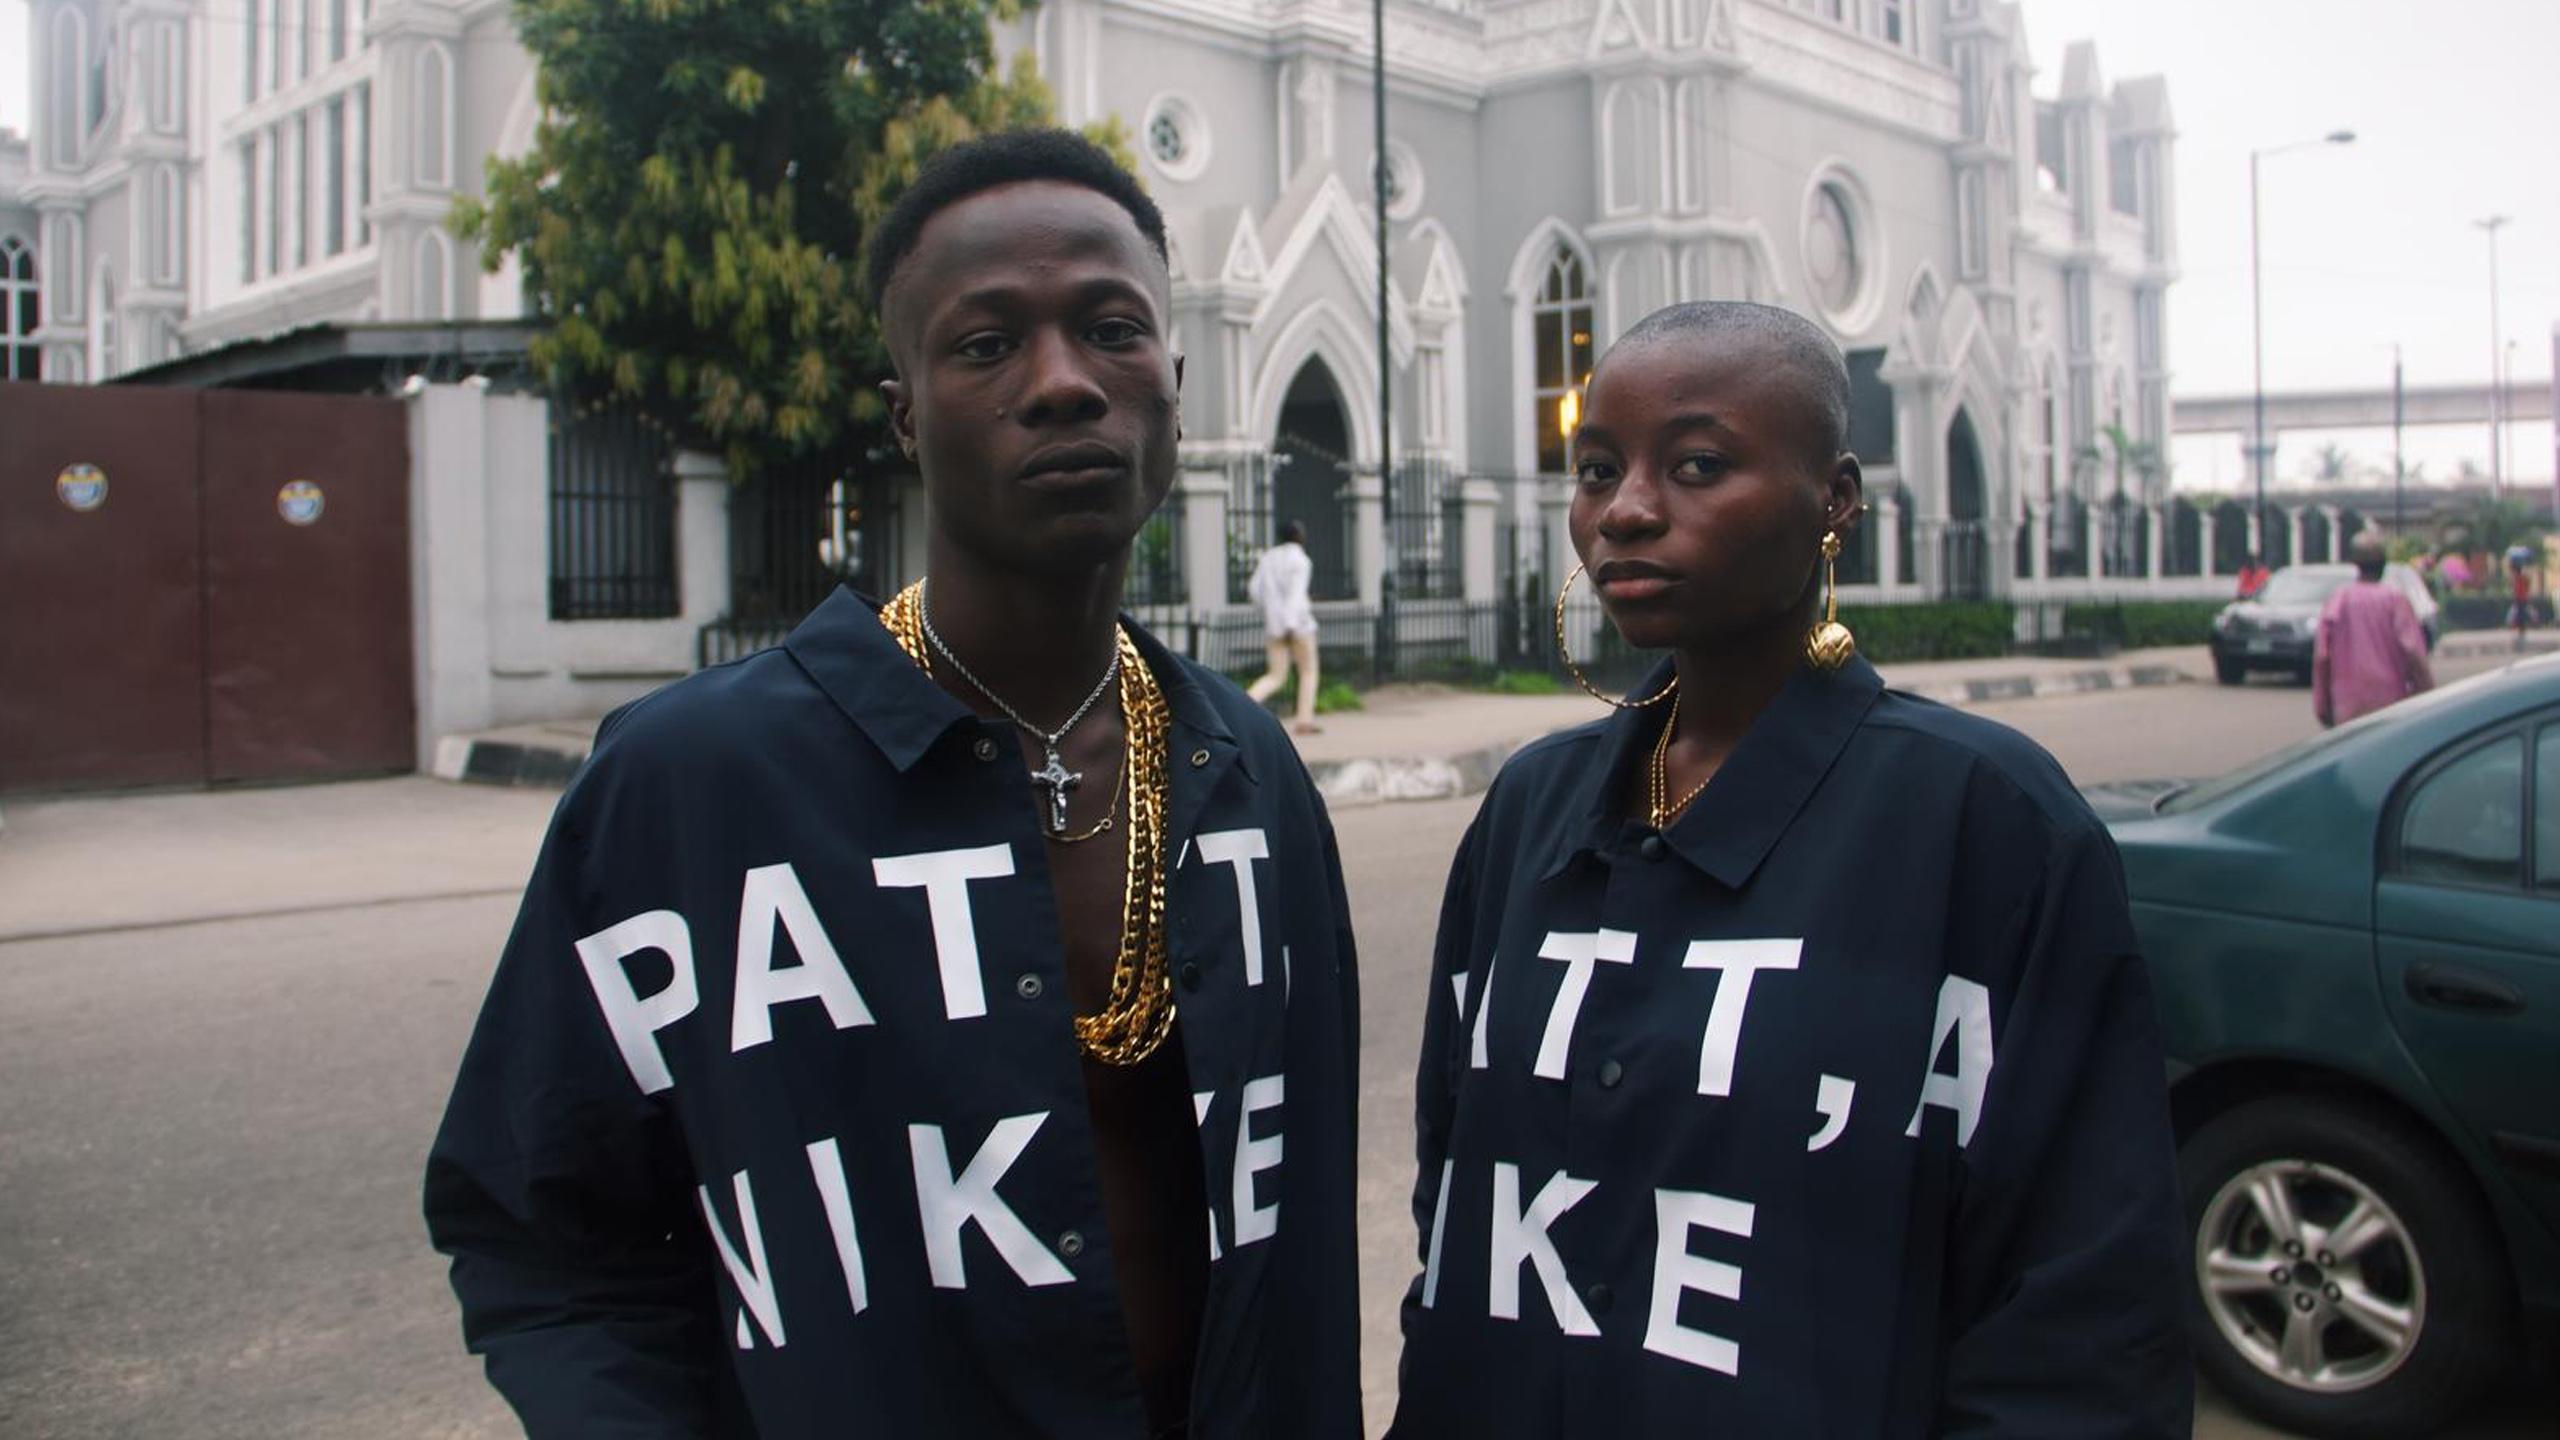 Vans et Patta collaborent sur deux nouveaux modèles | HYPEBEAST